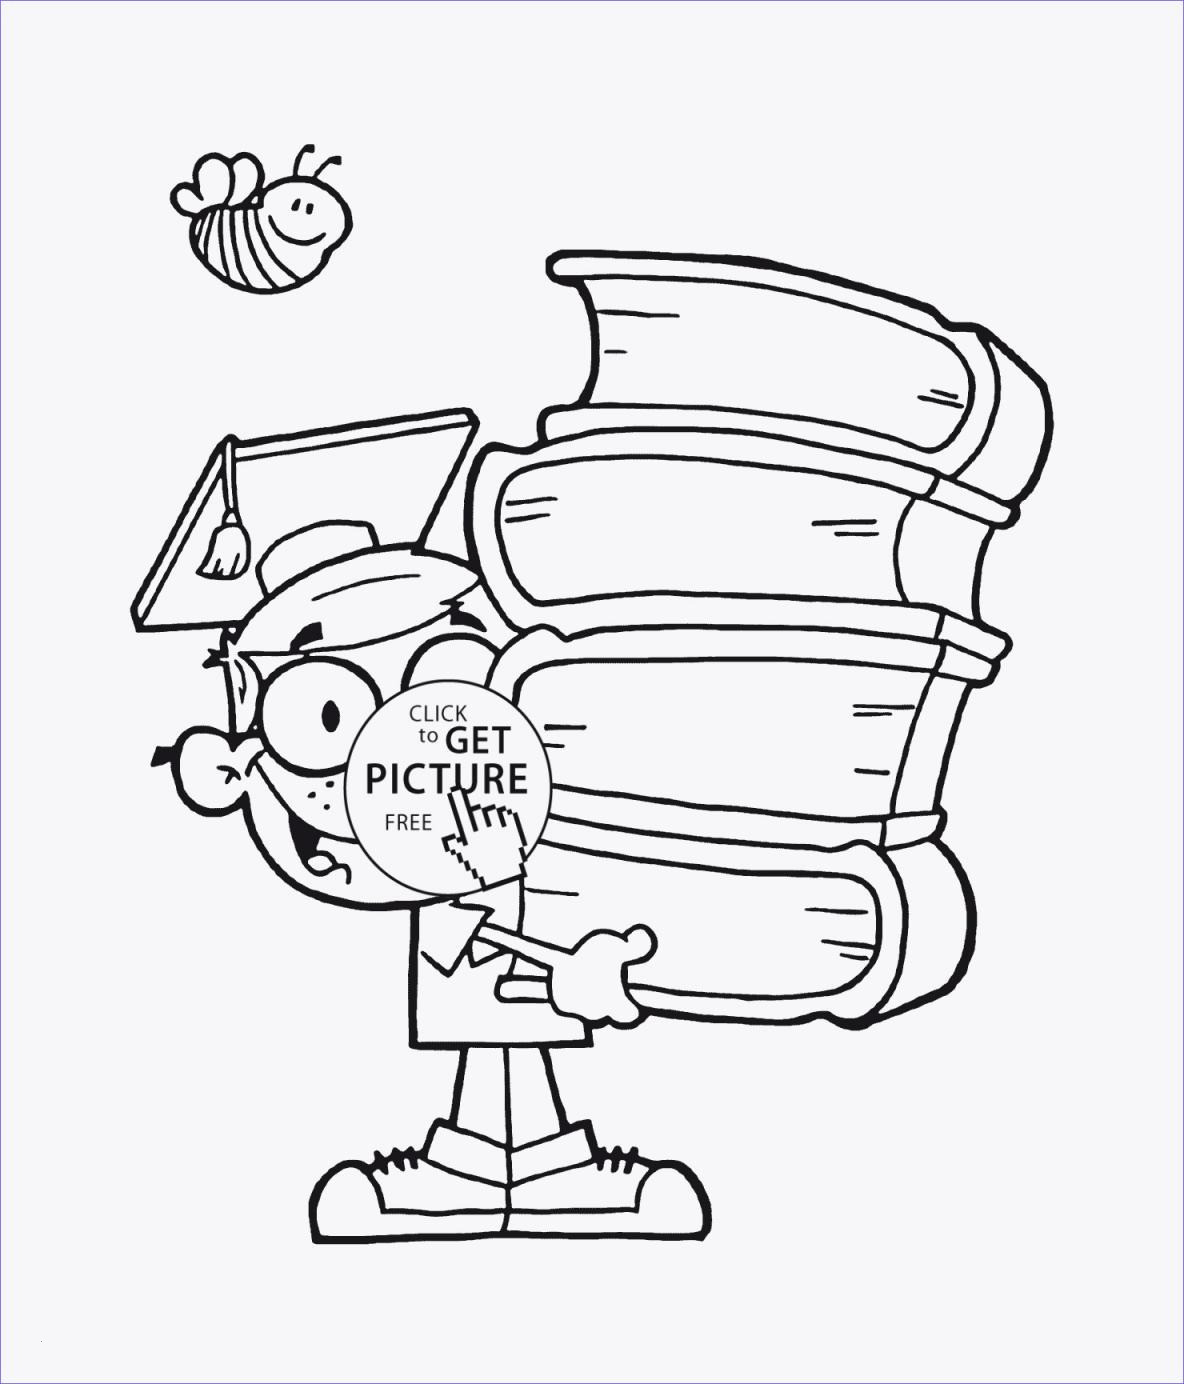 Malvorlage Sendung Mit Der Maus Einzigartig Malvorlagen Igel Frisch Igel Grundschule 0d Archives Uploadertalk Galerie